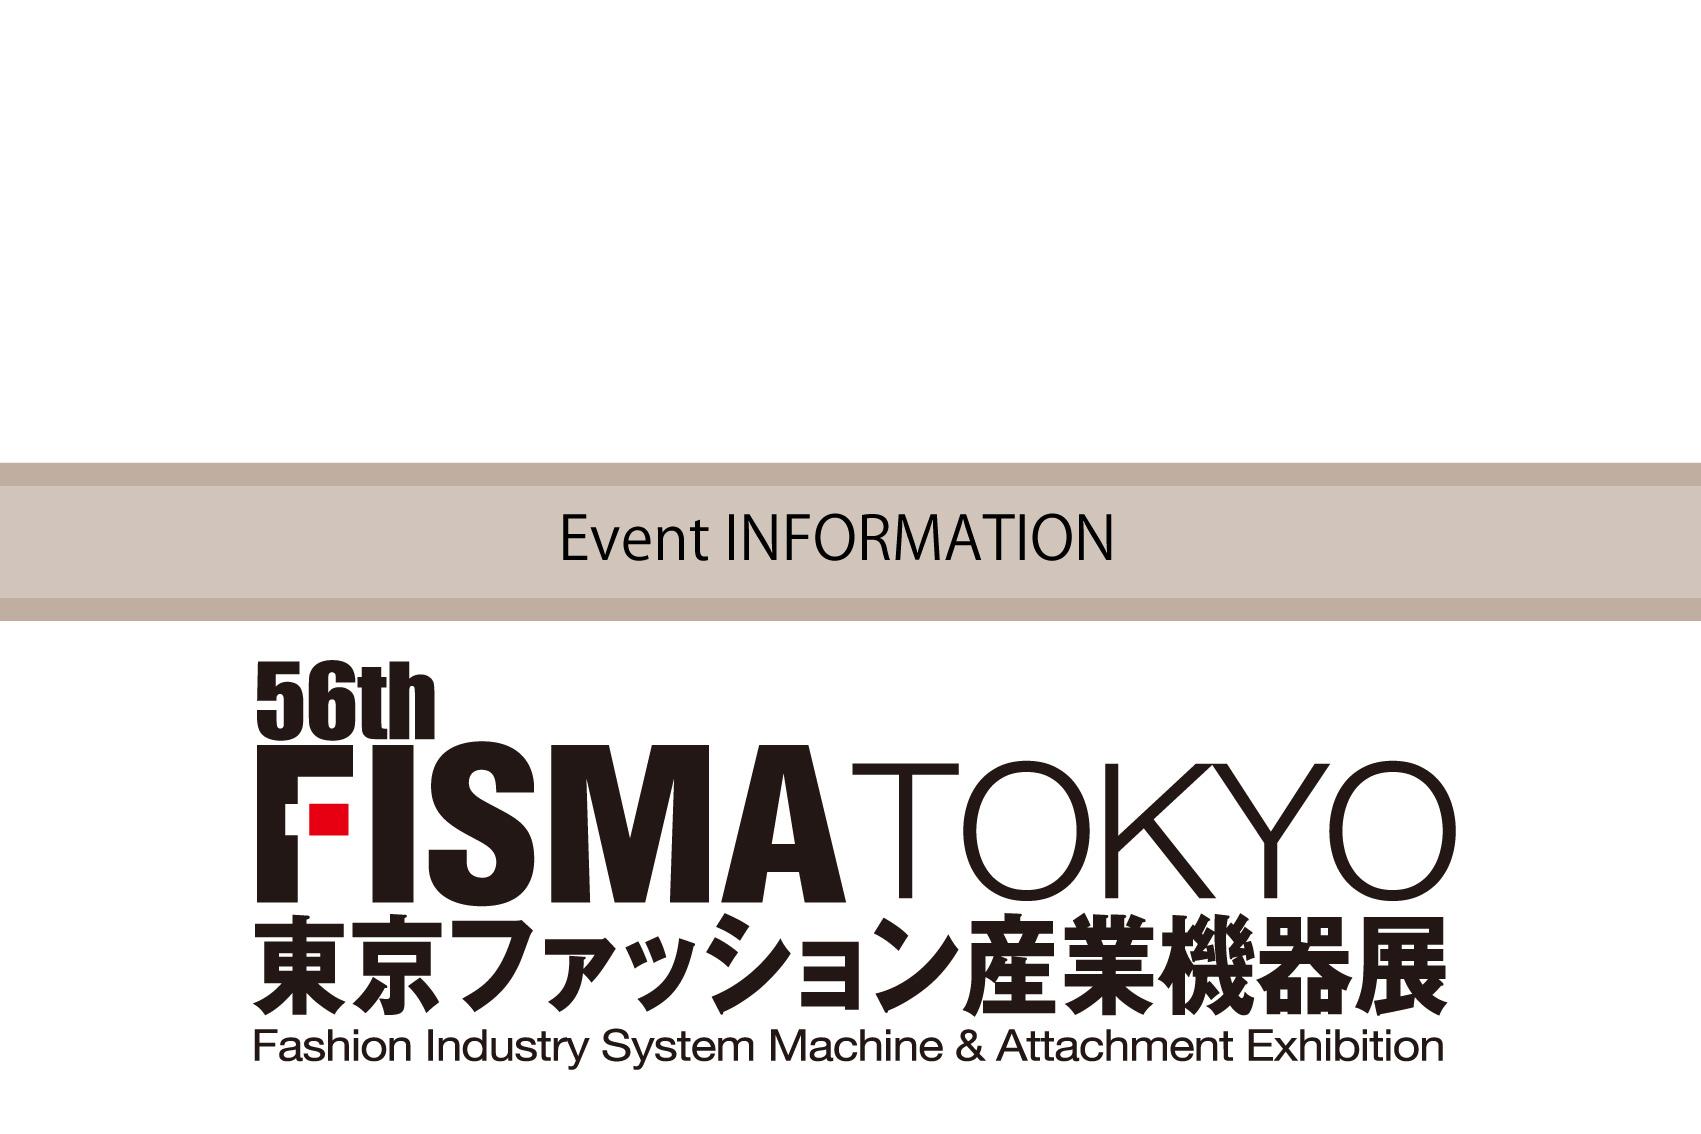 オルガン針株式会社が運営するミシンユーザーのための情報発信型通販サイトArt Stitch Room Powered by ORGAN NEEDLE CO.,LTD.(アートステッチルーム)|【イベント】FISMA TOKYOに出展します!